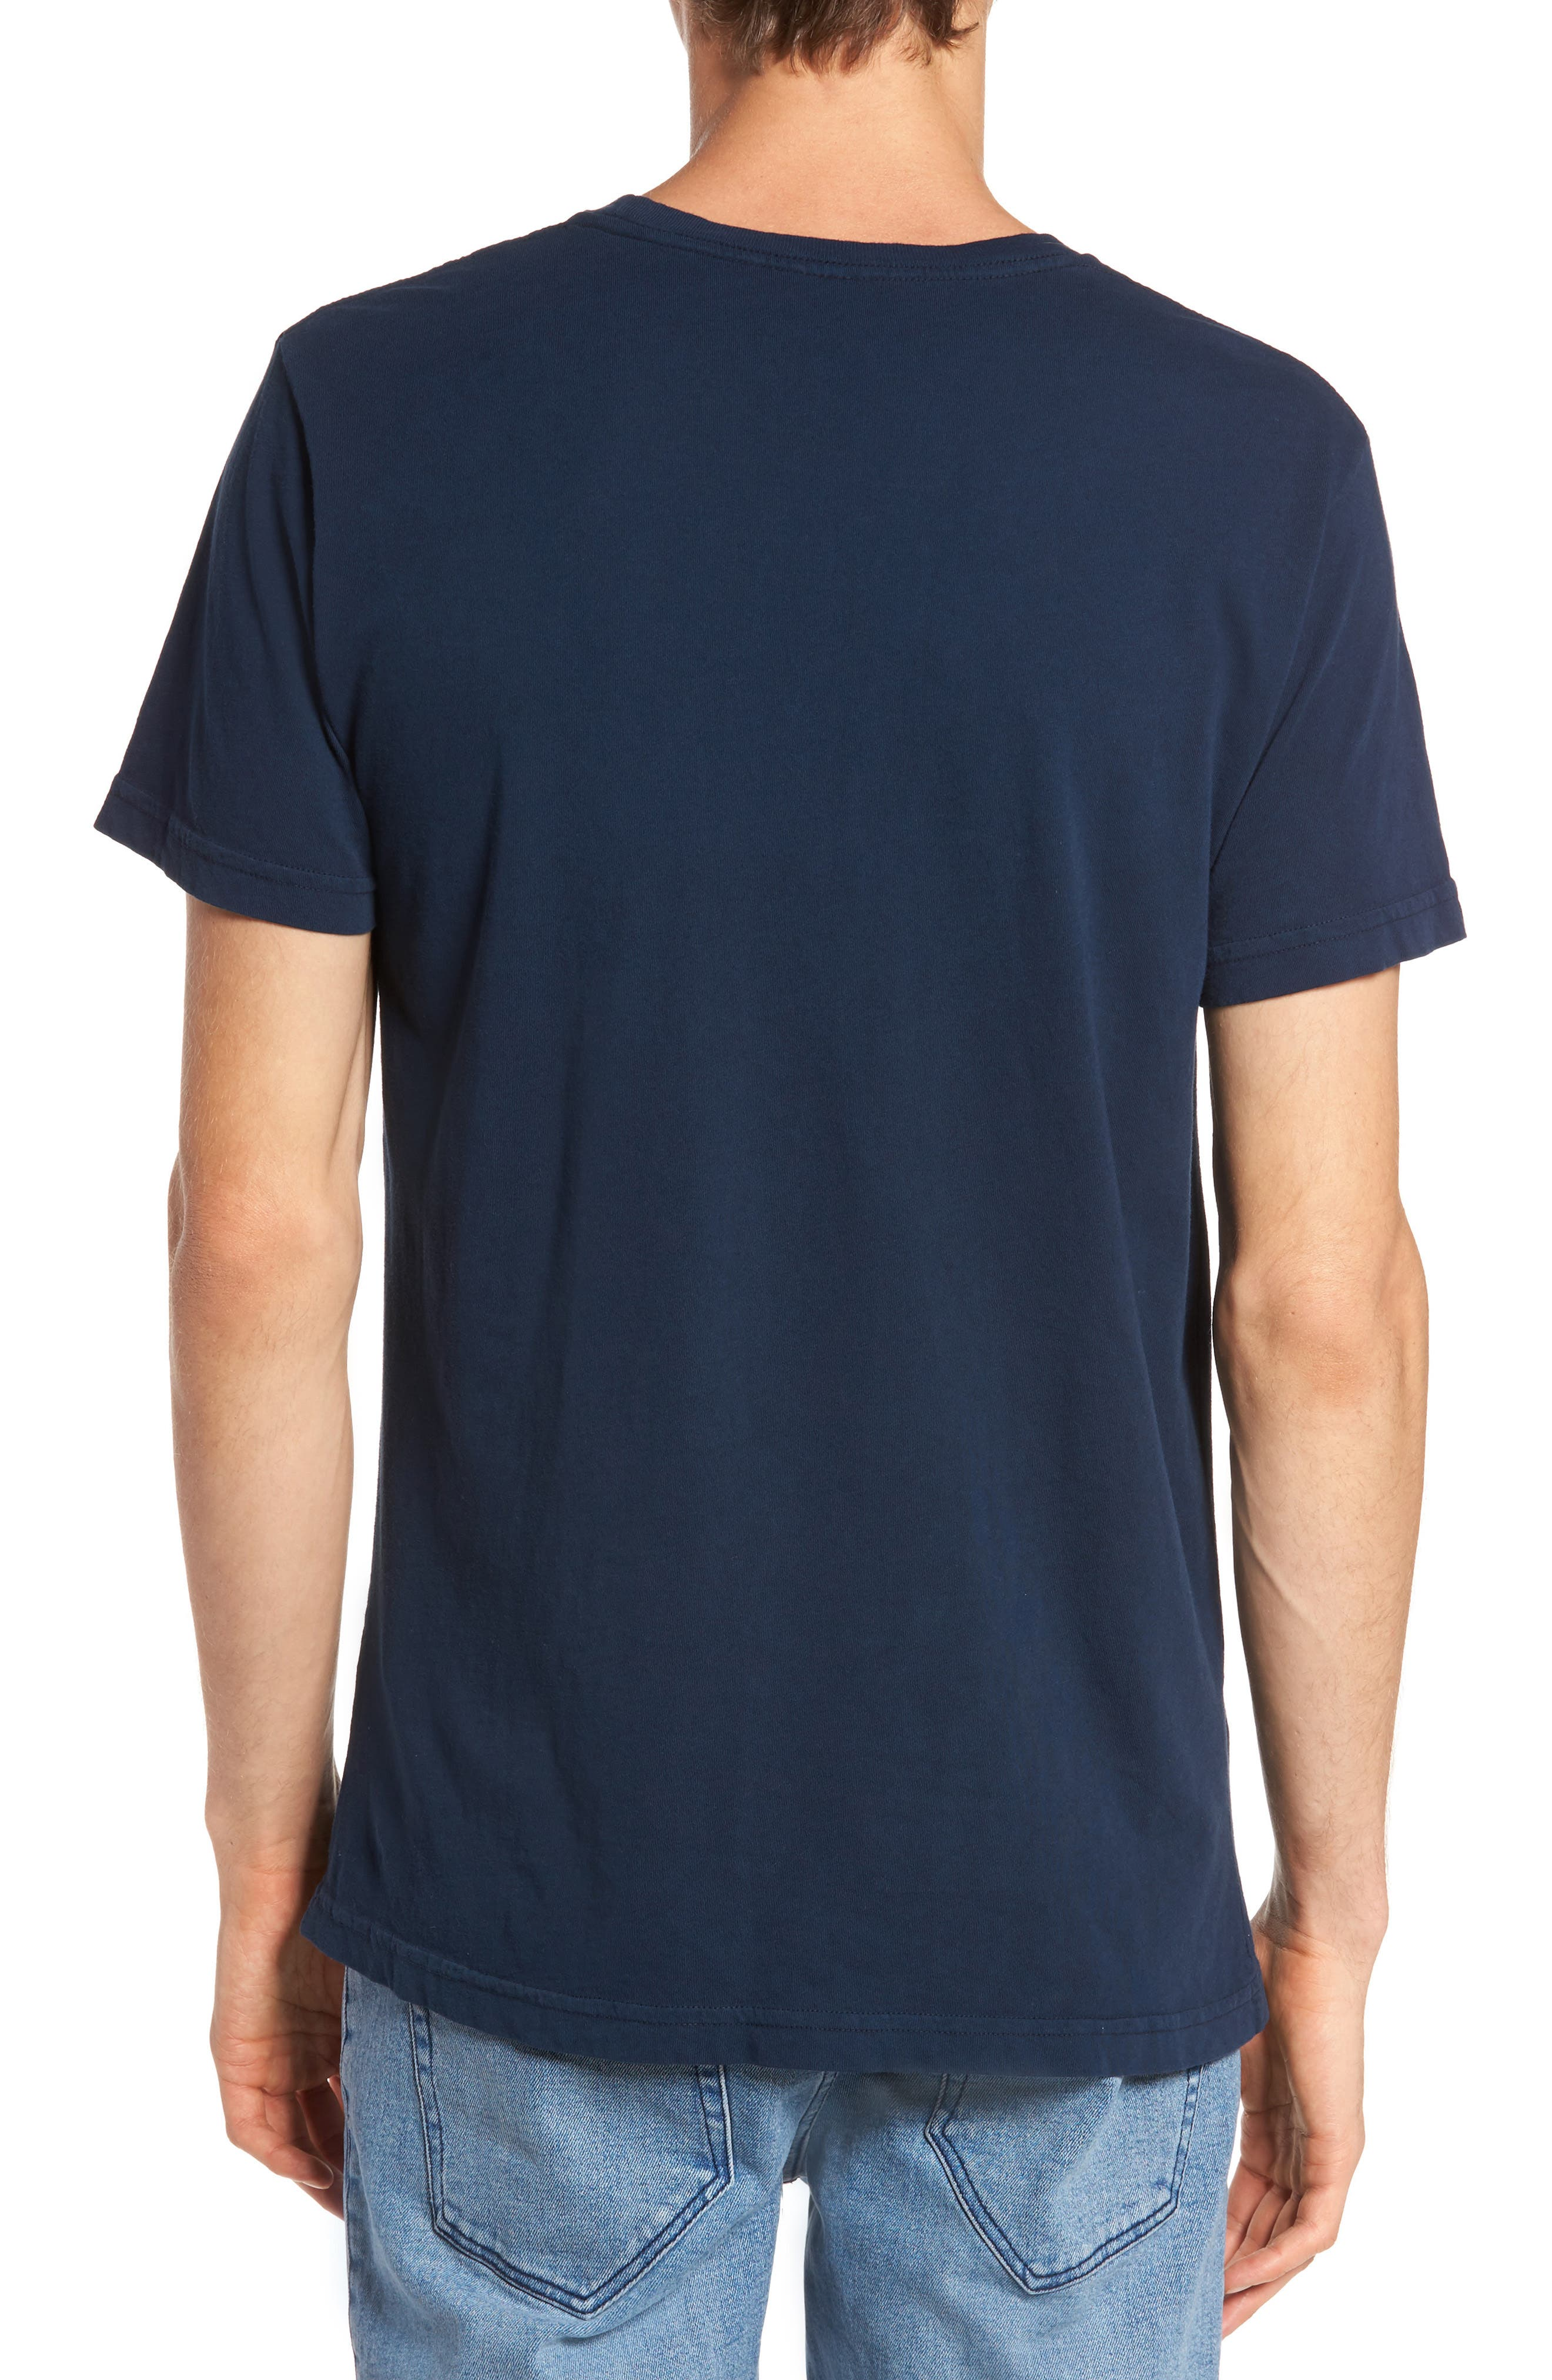 Mountain Sunrise T-Shirt,                             Alternate thumbnail 2, color,                             499